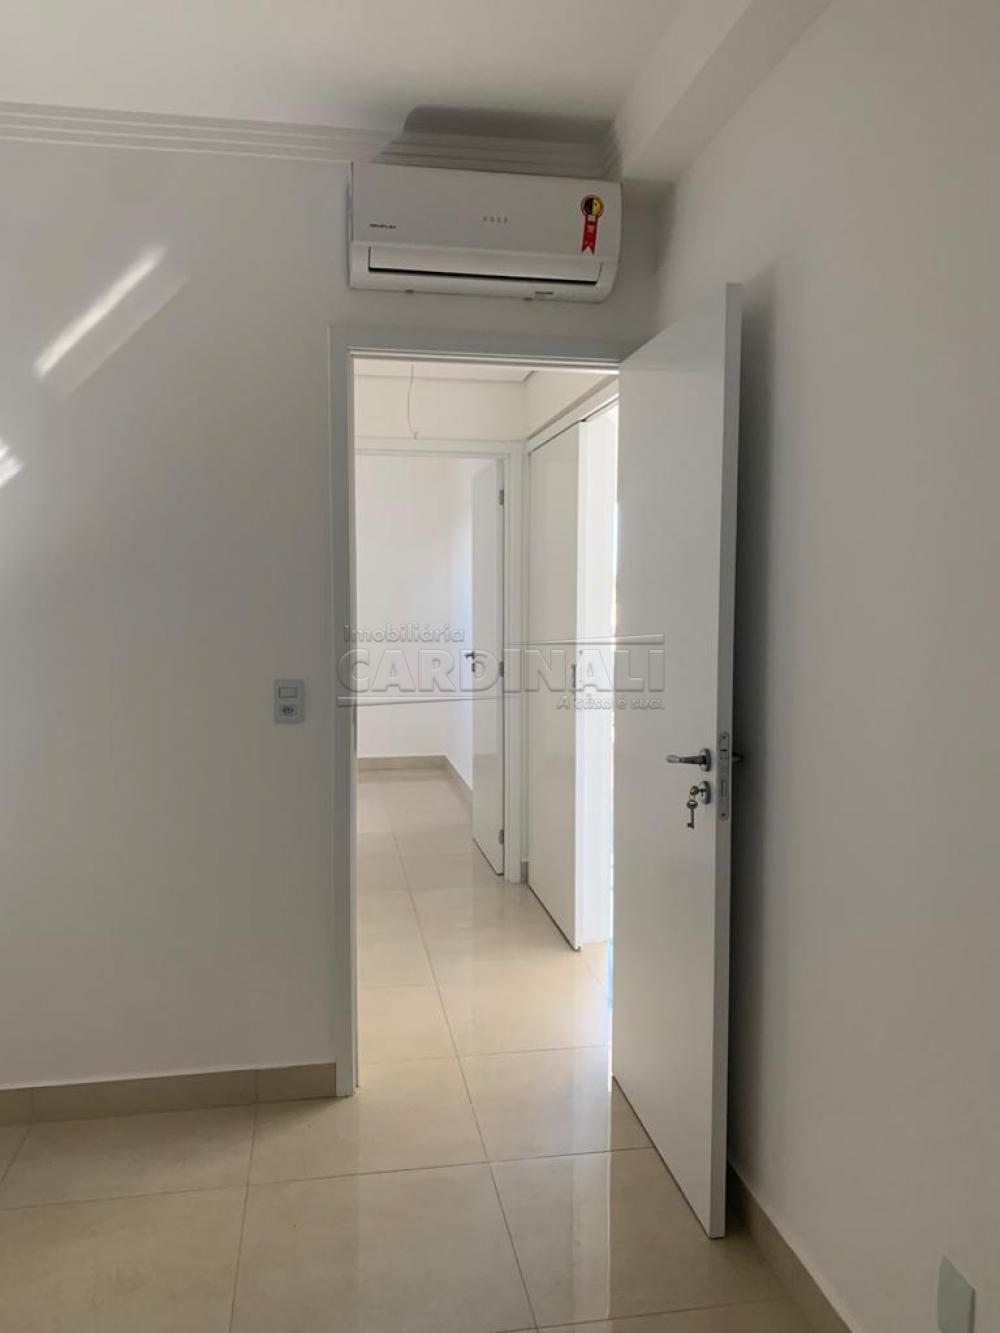 Comprar Apartamento / Padrão em Araraquara R$ 420.000,00 - Foto 14